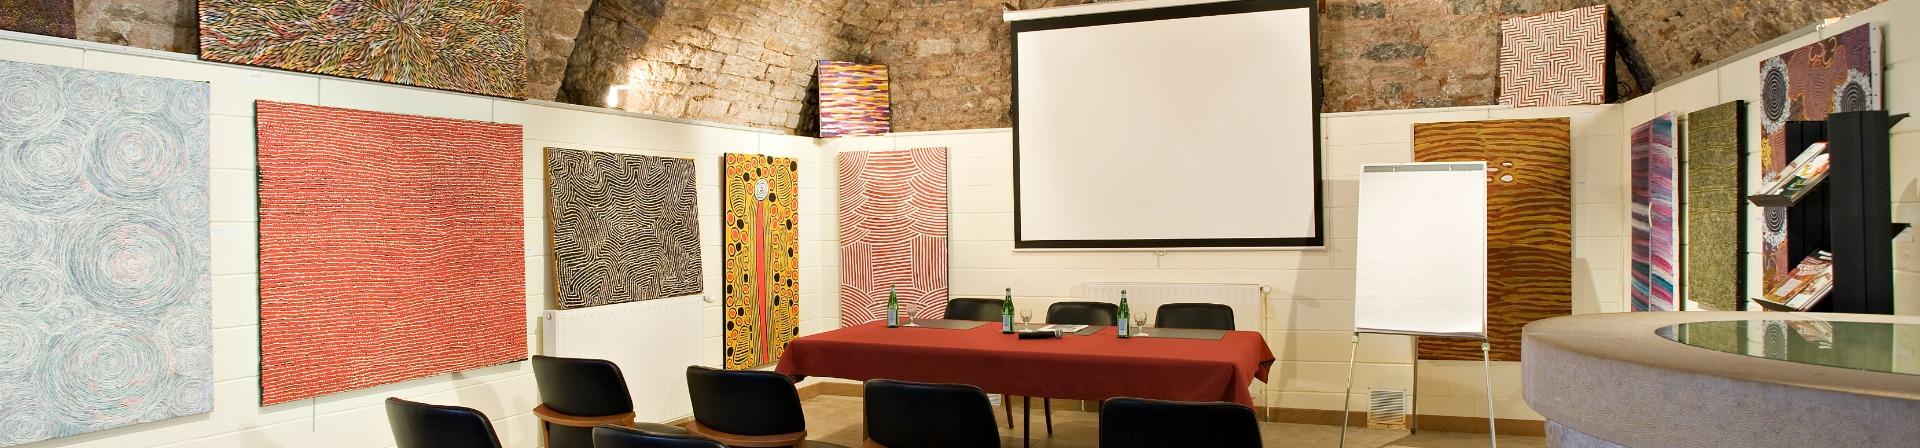 séminaire salle à l'hôtel Charles Sander dans le Jura, groupe